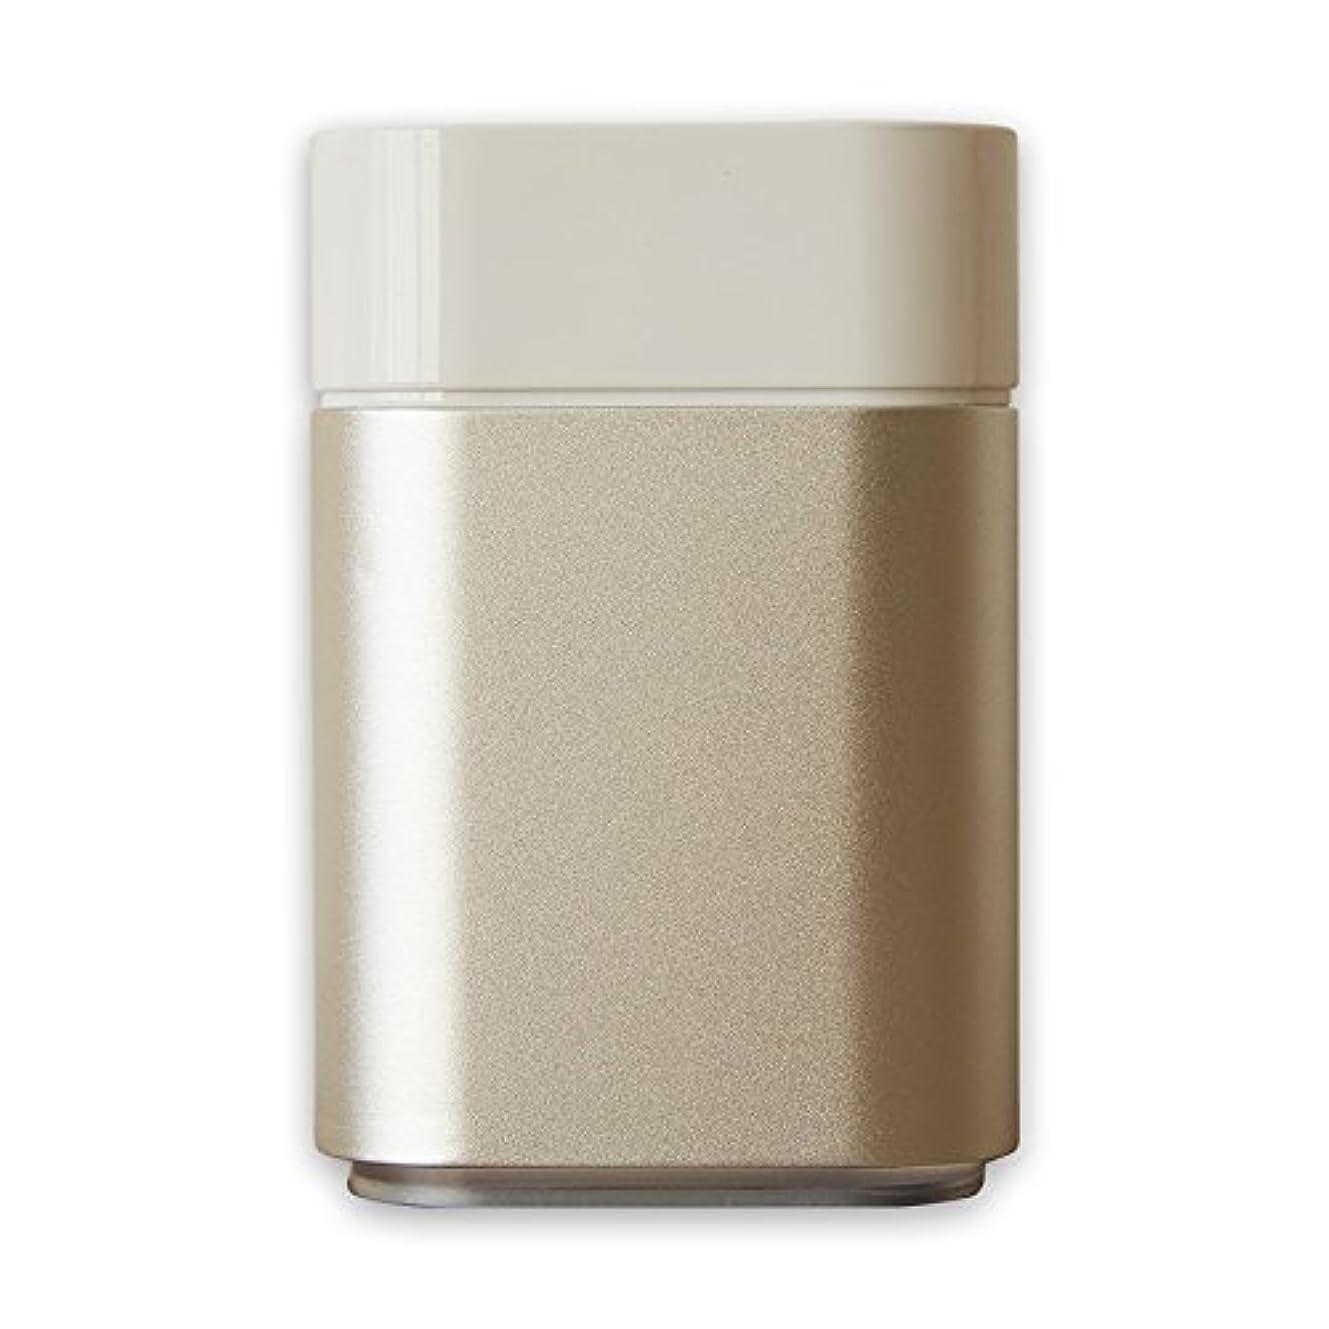 アロマディフューザー UR-AROMA04 卓上 小型 Uruon(ウルオン)水を使わない アロマ ネブライザー式 水なし ダイレクトオイル 製油瓶直噴式 超音波式 USB 卓上 油性 水性 静音 アロマオイル